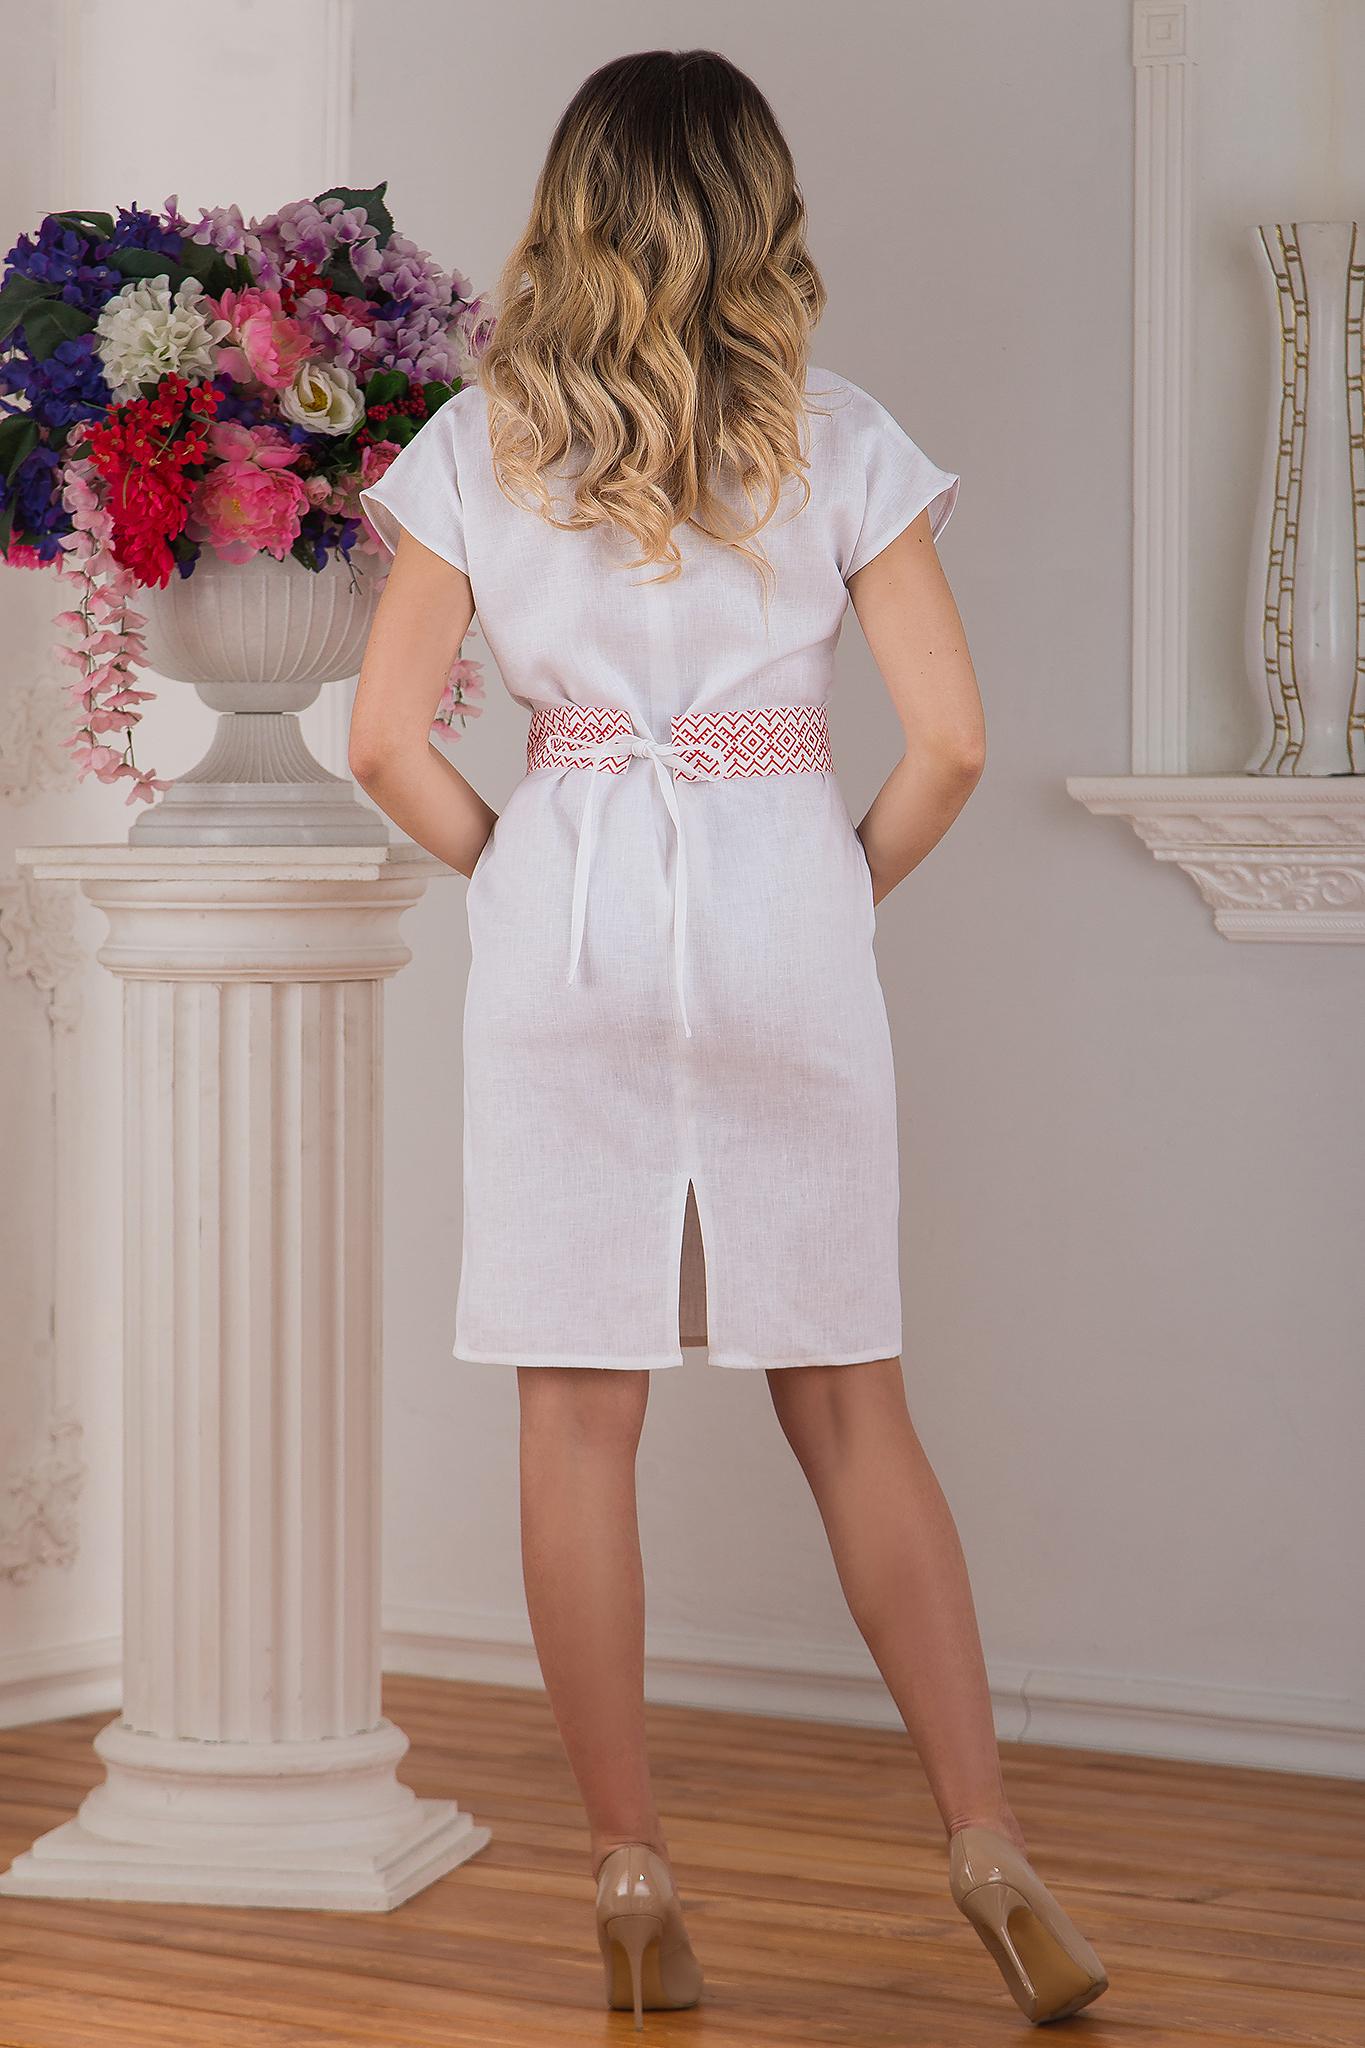 Платье льняное современное белое купить магазин Иванка вид сзади